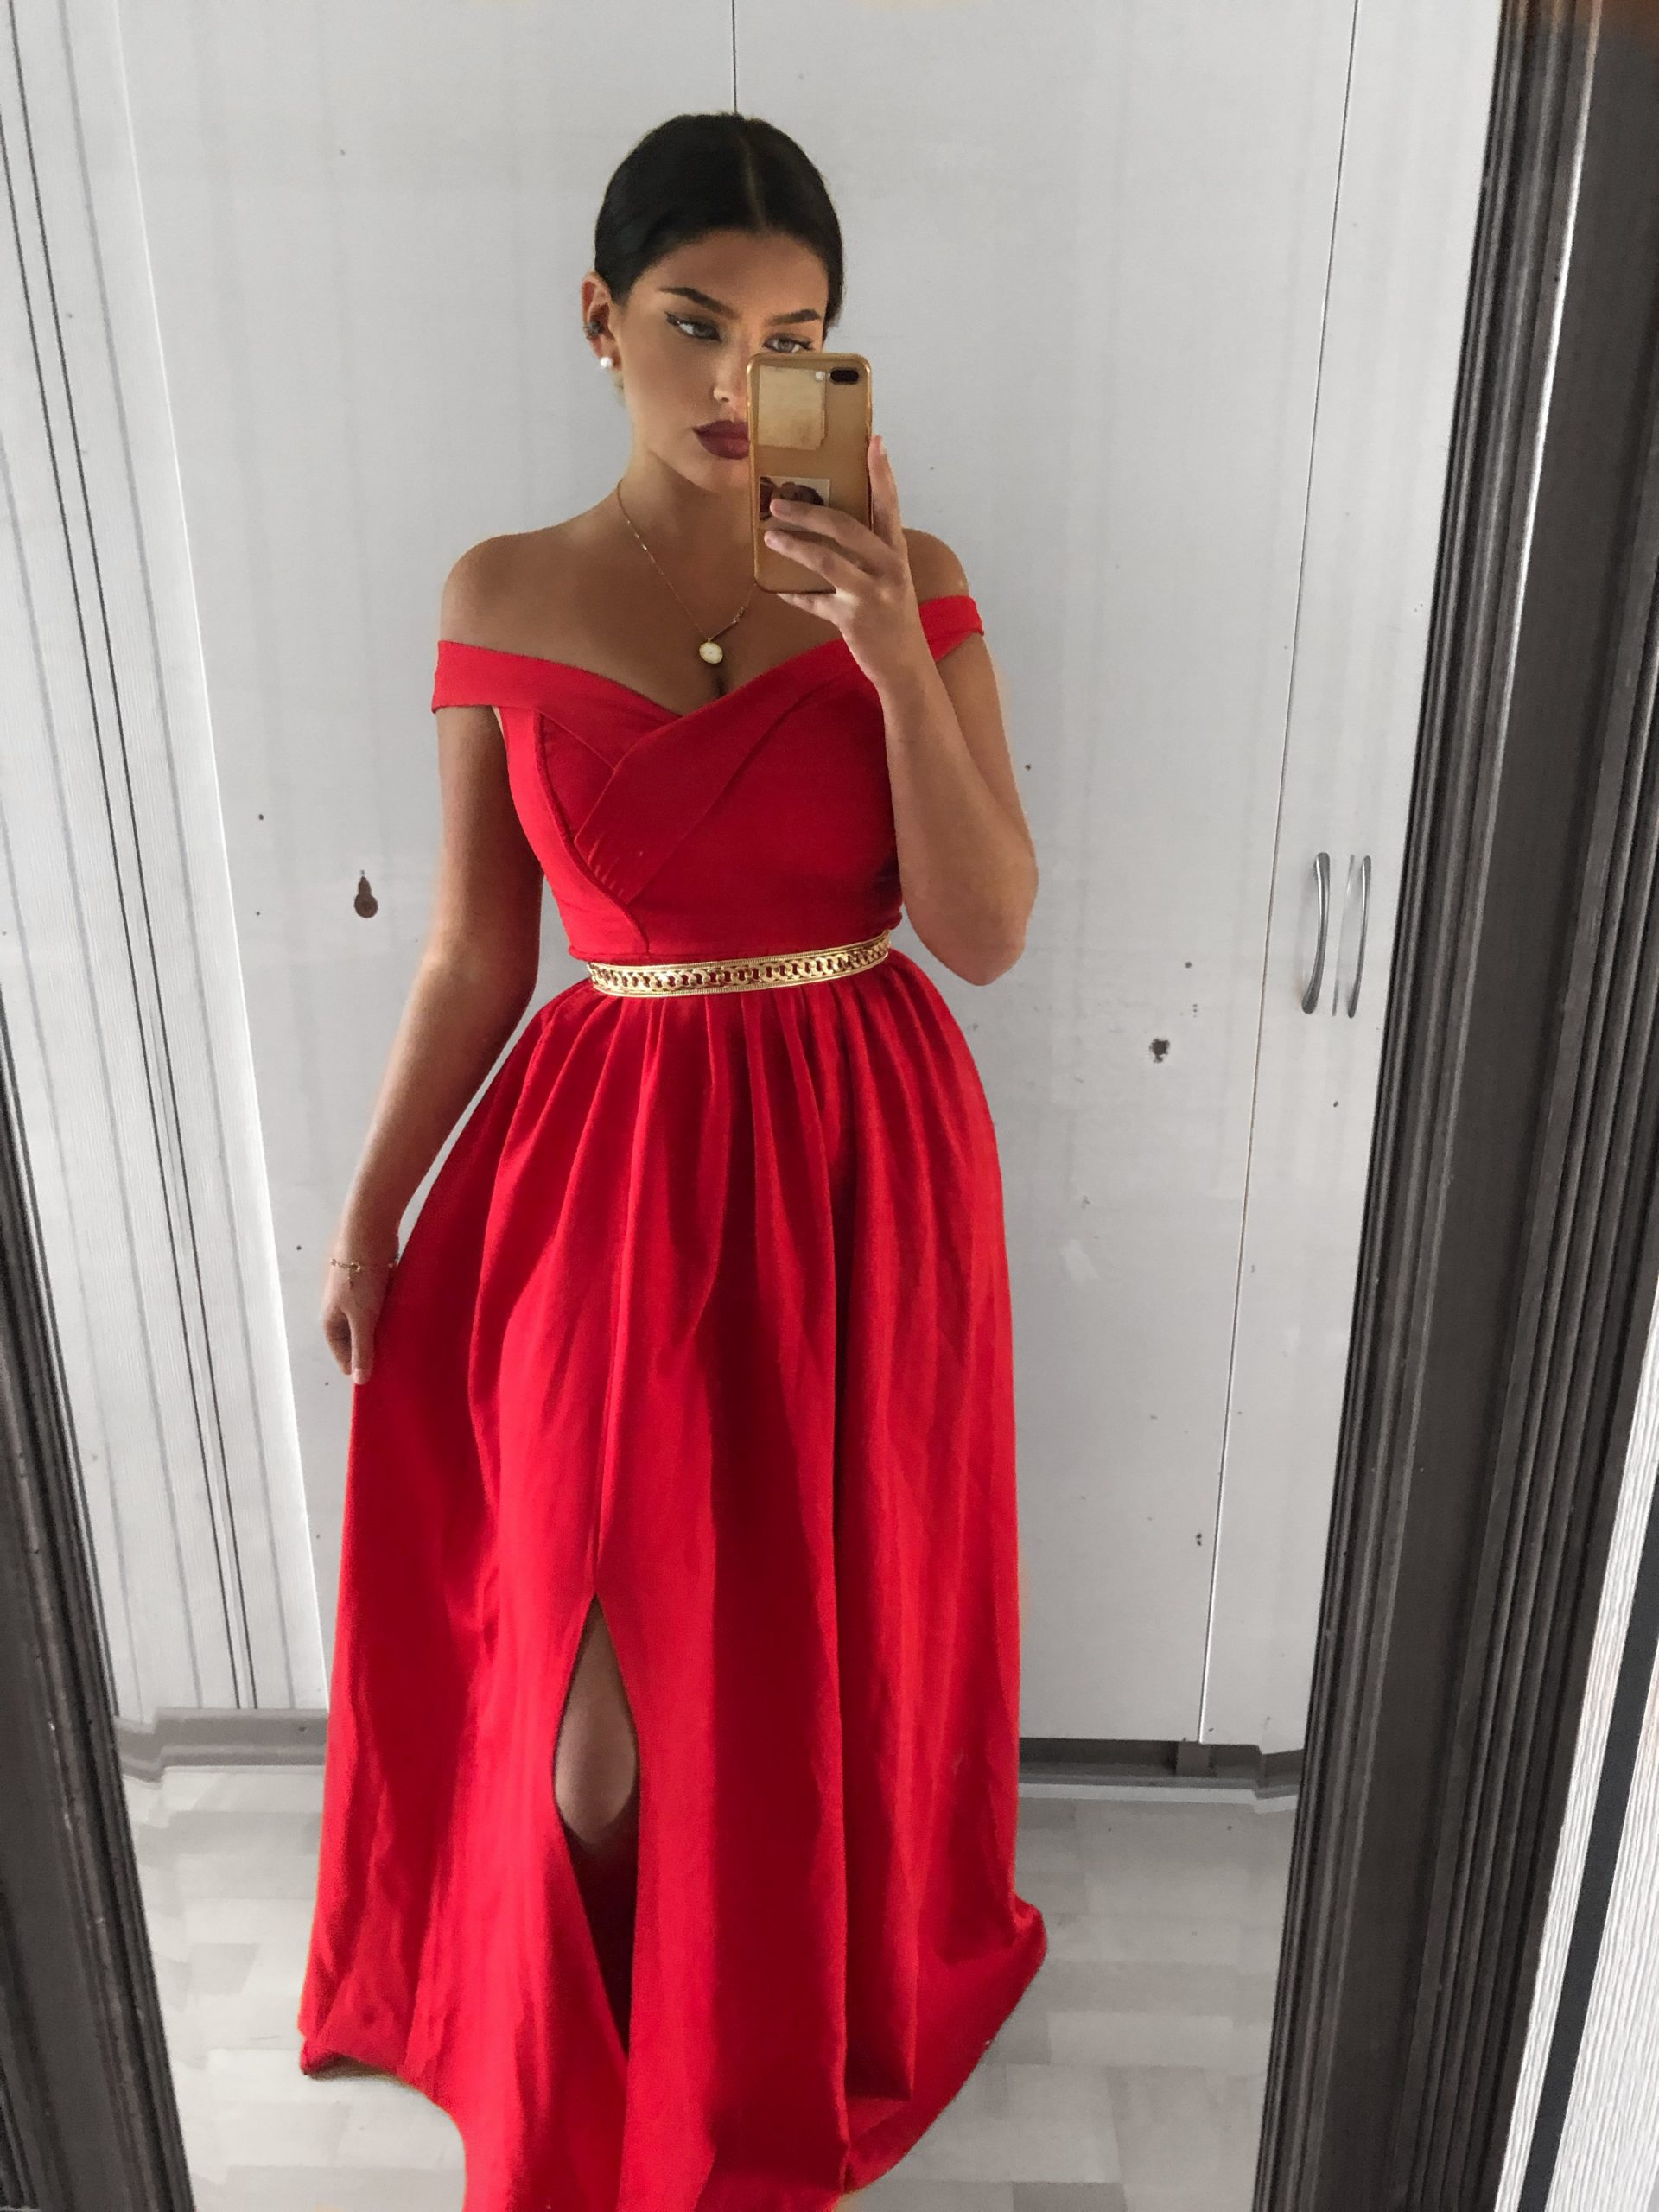 13 Wunderbar Abend Kleider Rot für 2019Formal Genial Abend Kleider Rot Boutique